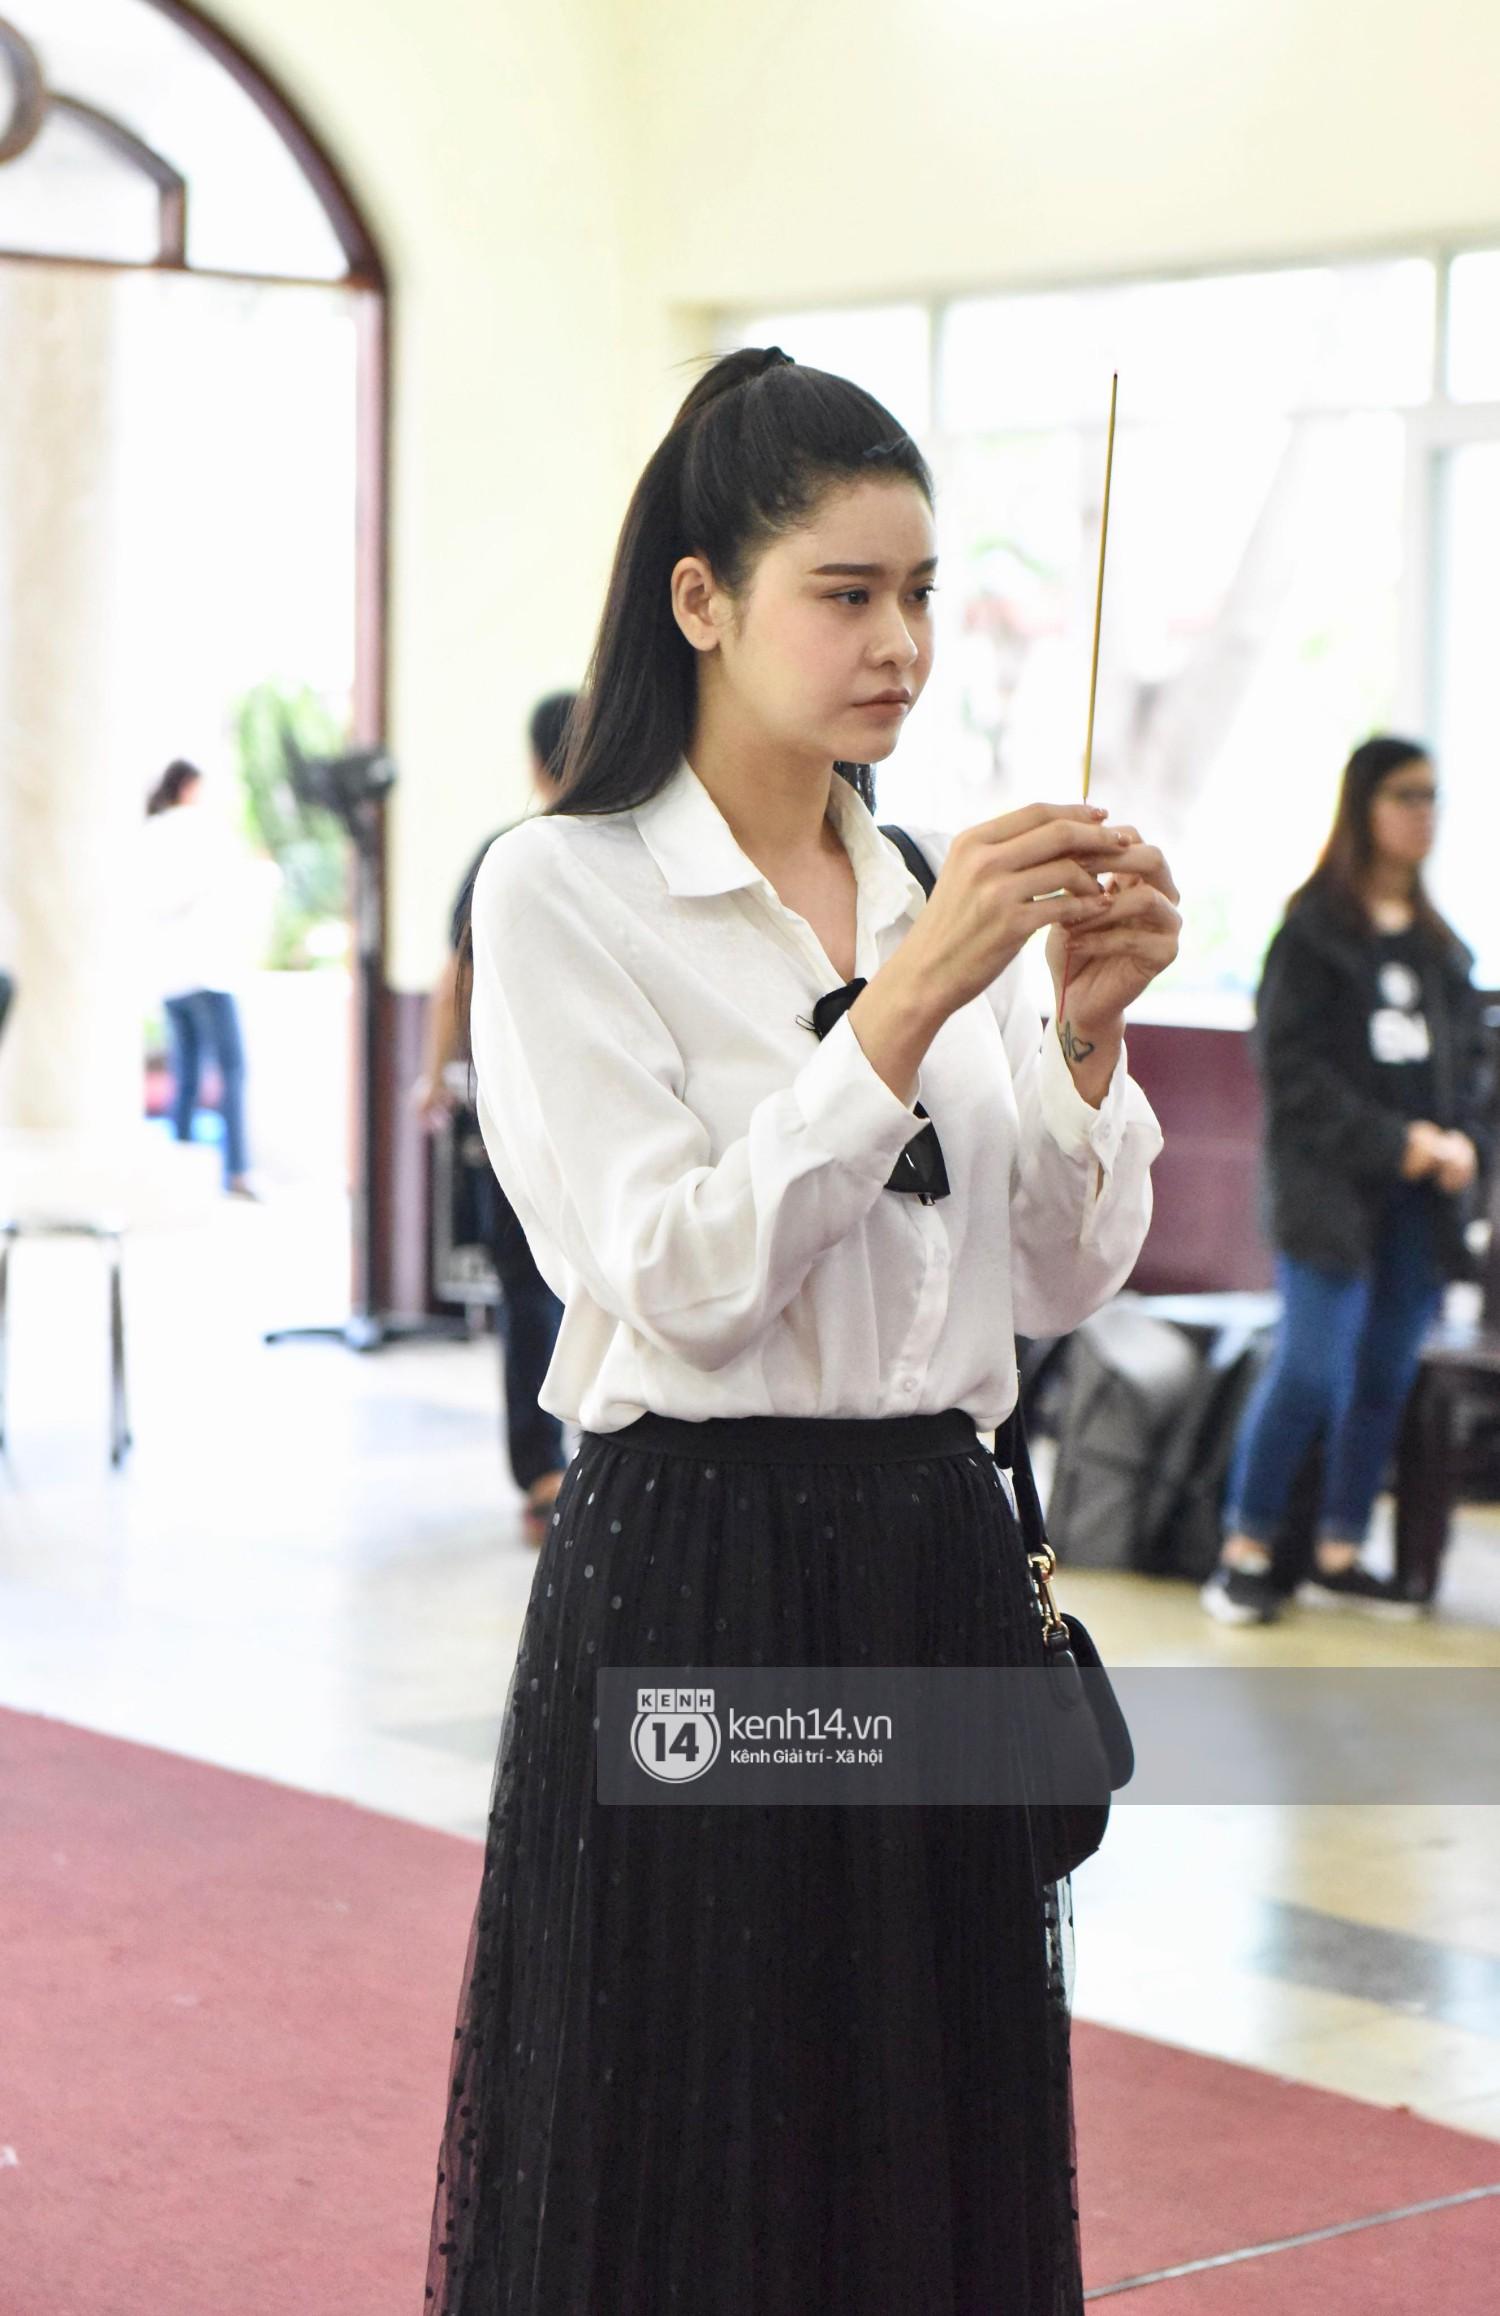 Dàn nghệ sĩ bất chấp mưa lớn tới thắp nhang cho nghệ sĩ Lê Bình trong buổi tối thứ hai tang lễ - Ảnh 21.